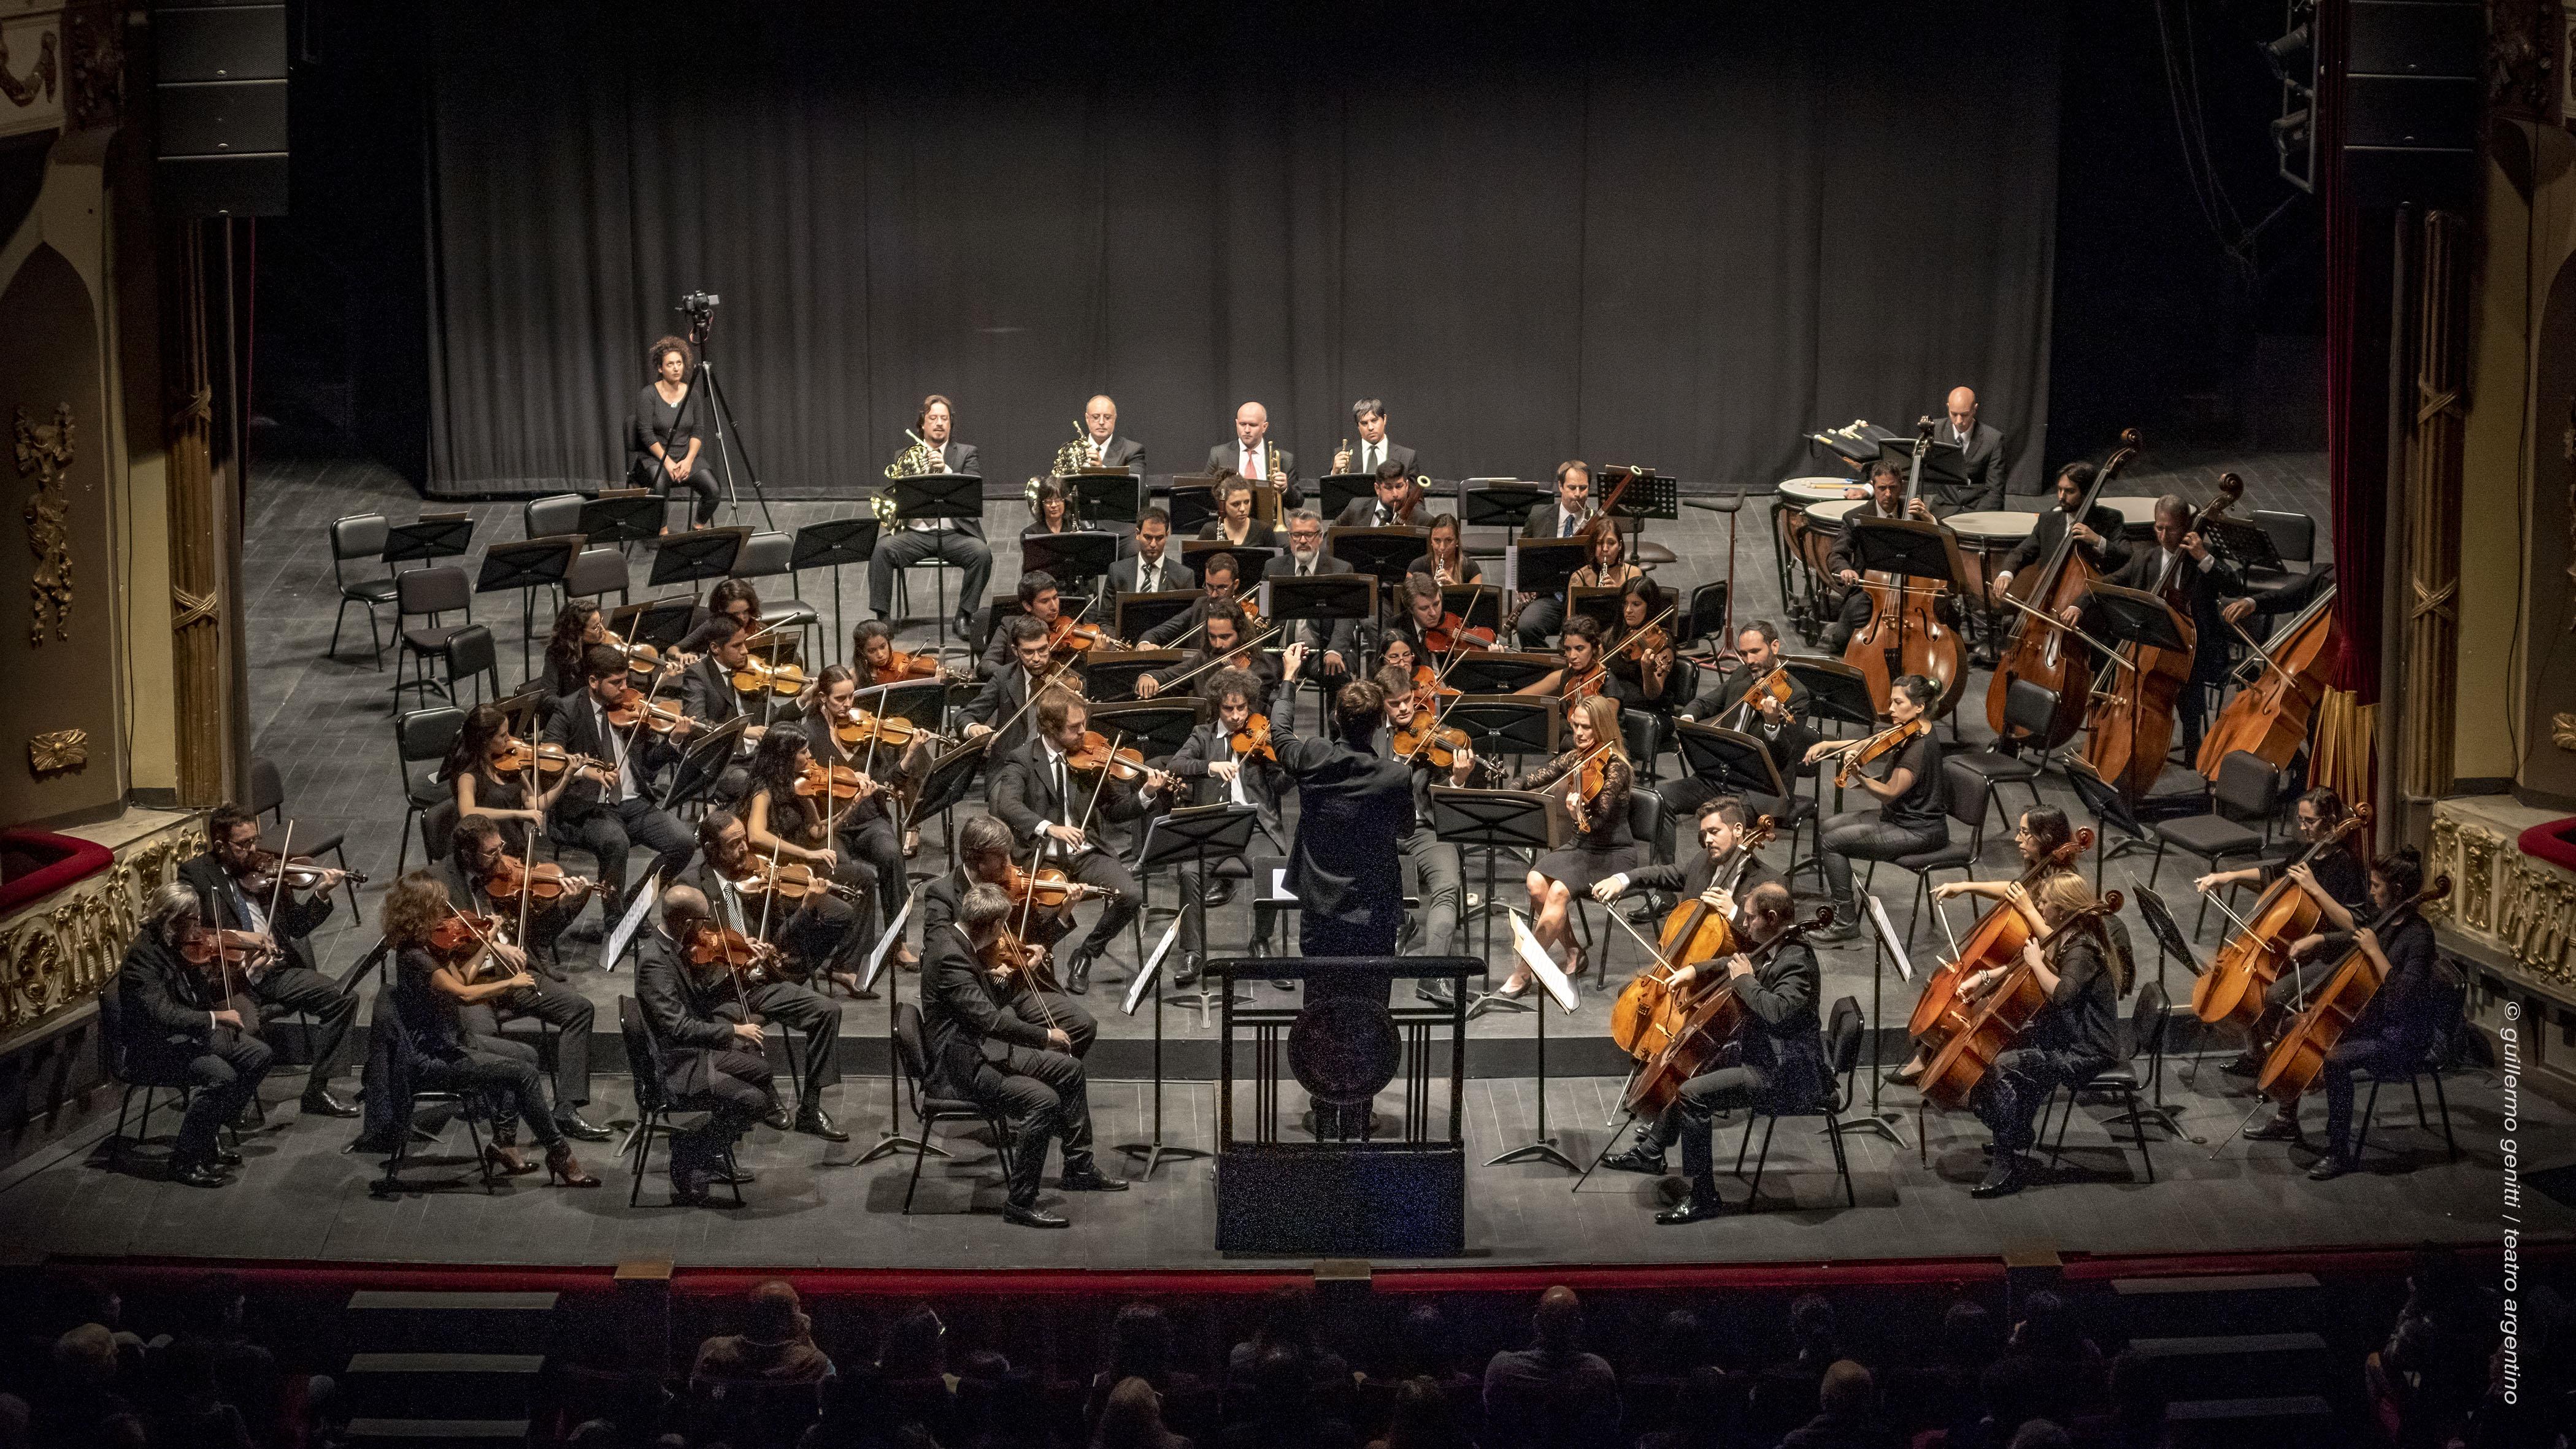 La orquesta del Teatro Argentino de La Plata llega con las obras de Ravel y Franck al Coliseo Podestá